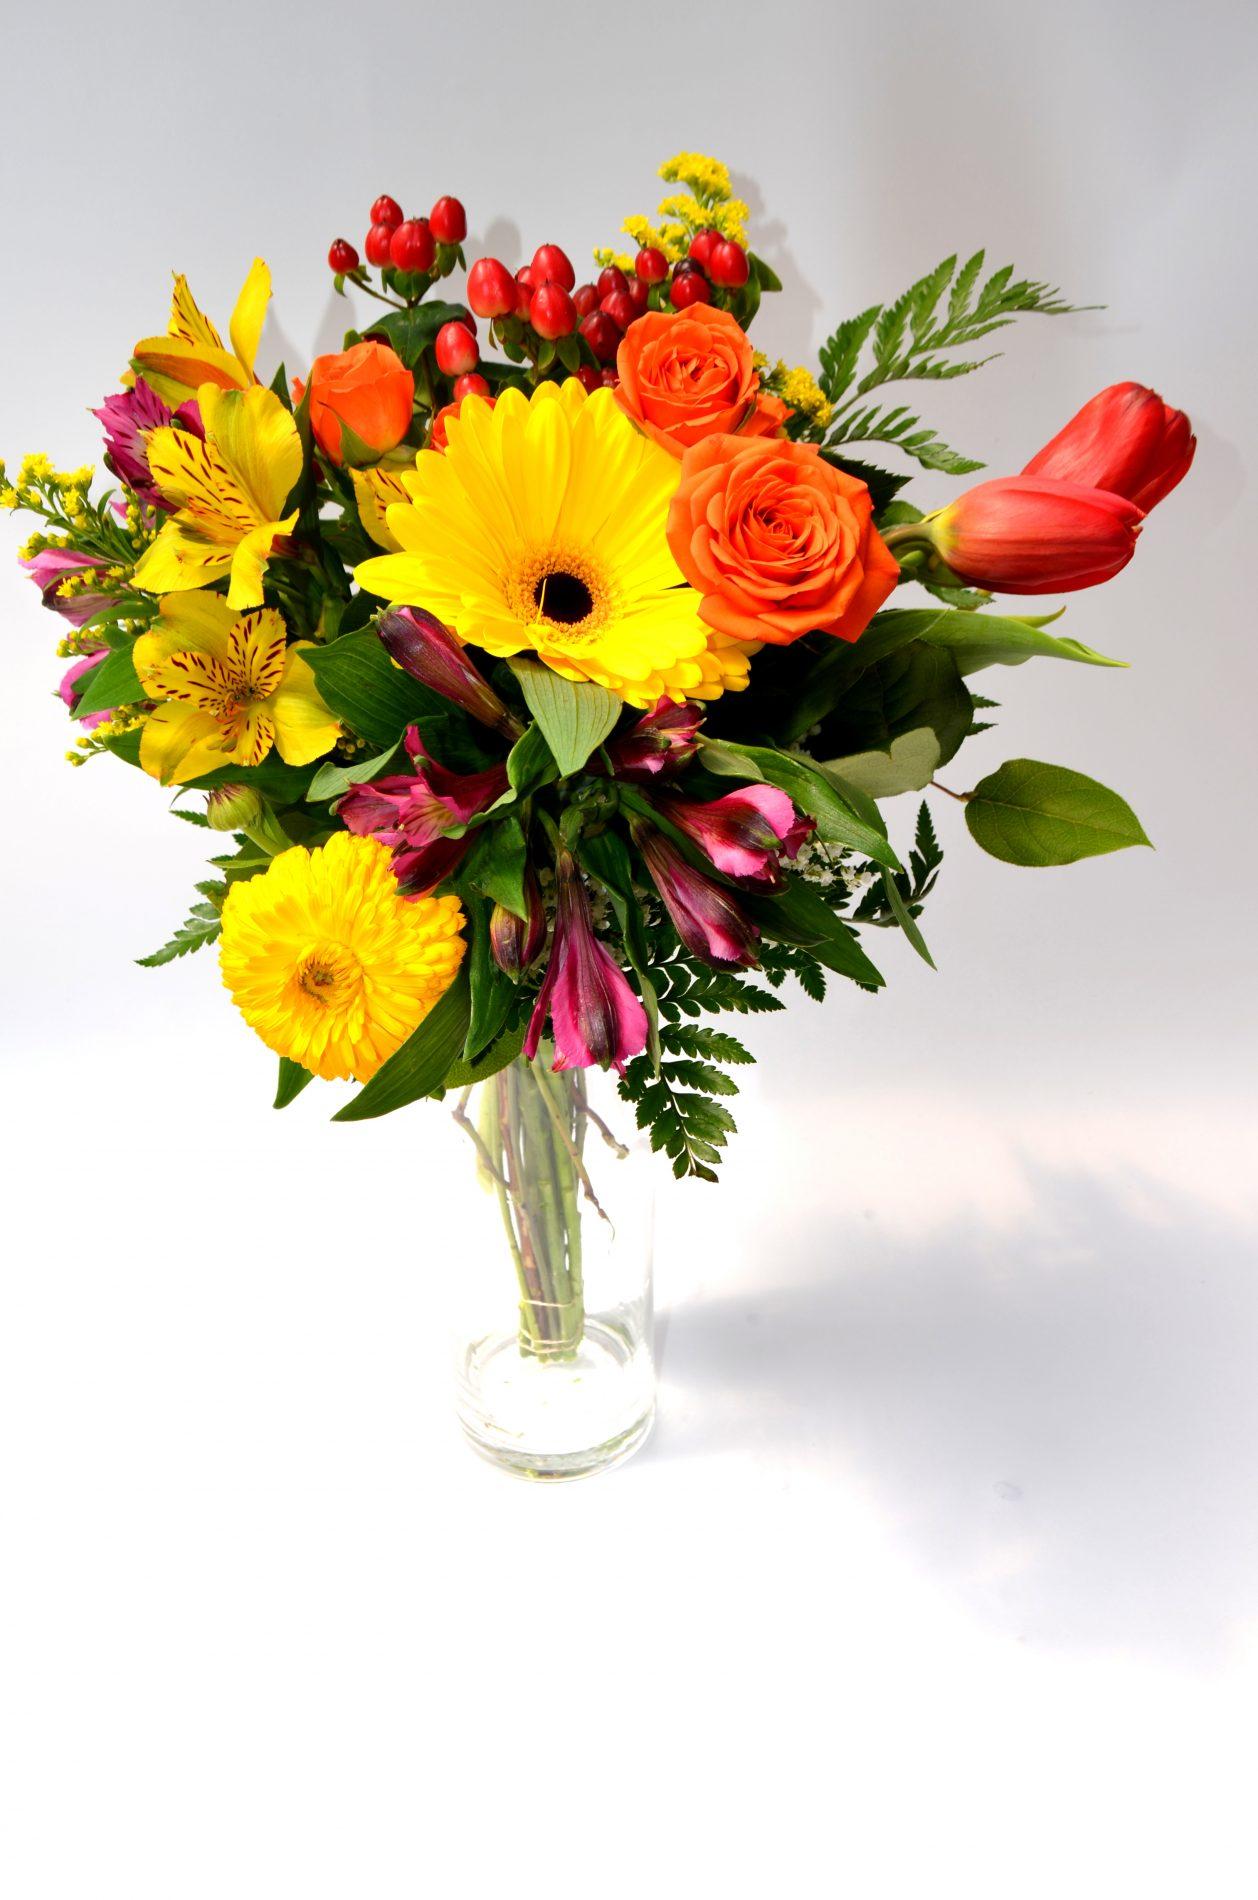 bouquet adoration, gerbera jaune, rosettes oranges, alstros jaunes et roses, hypericum rouge